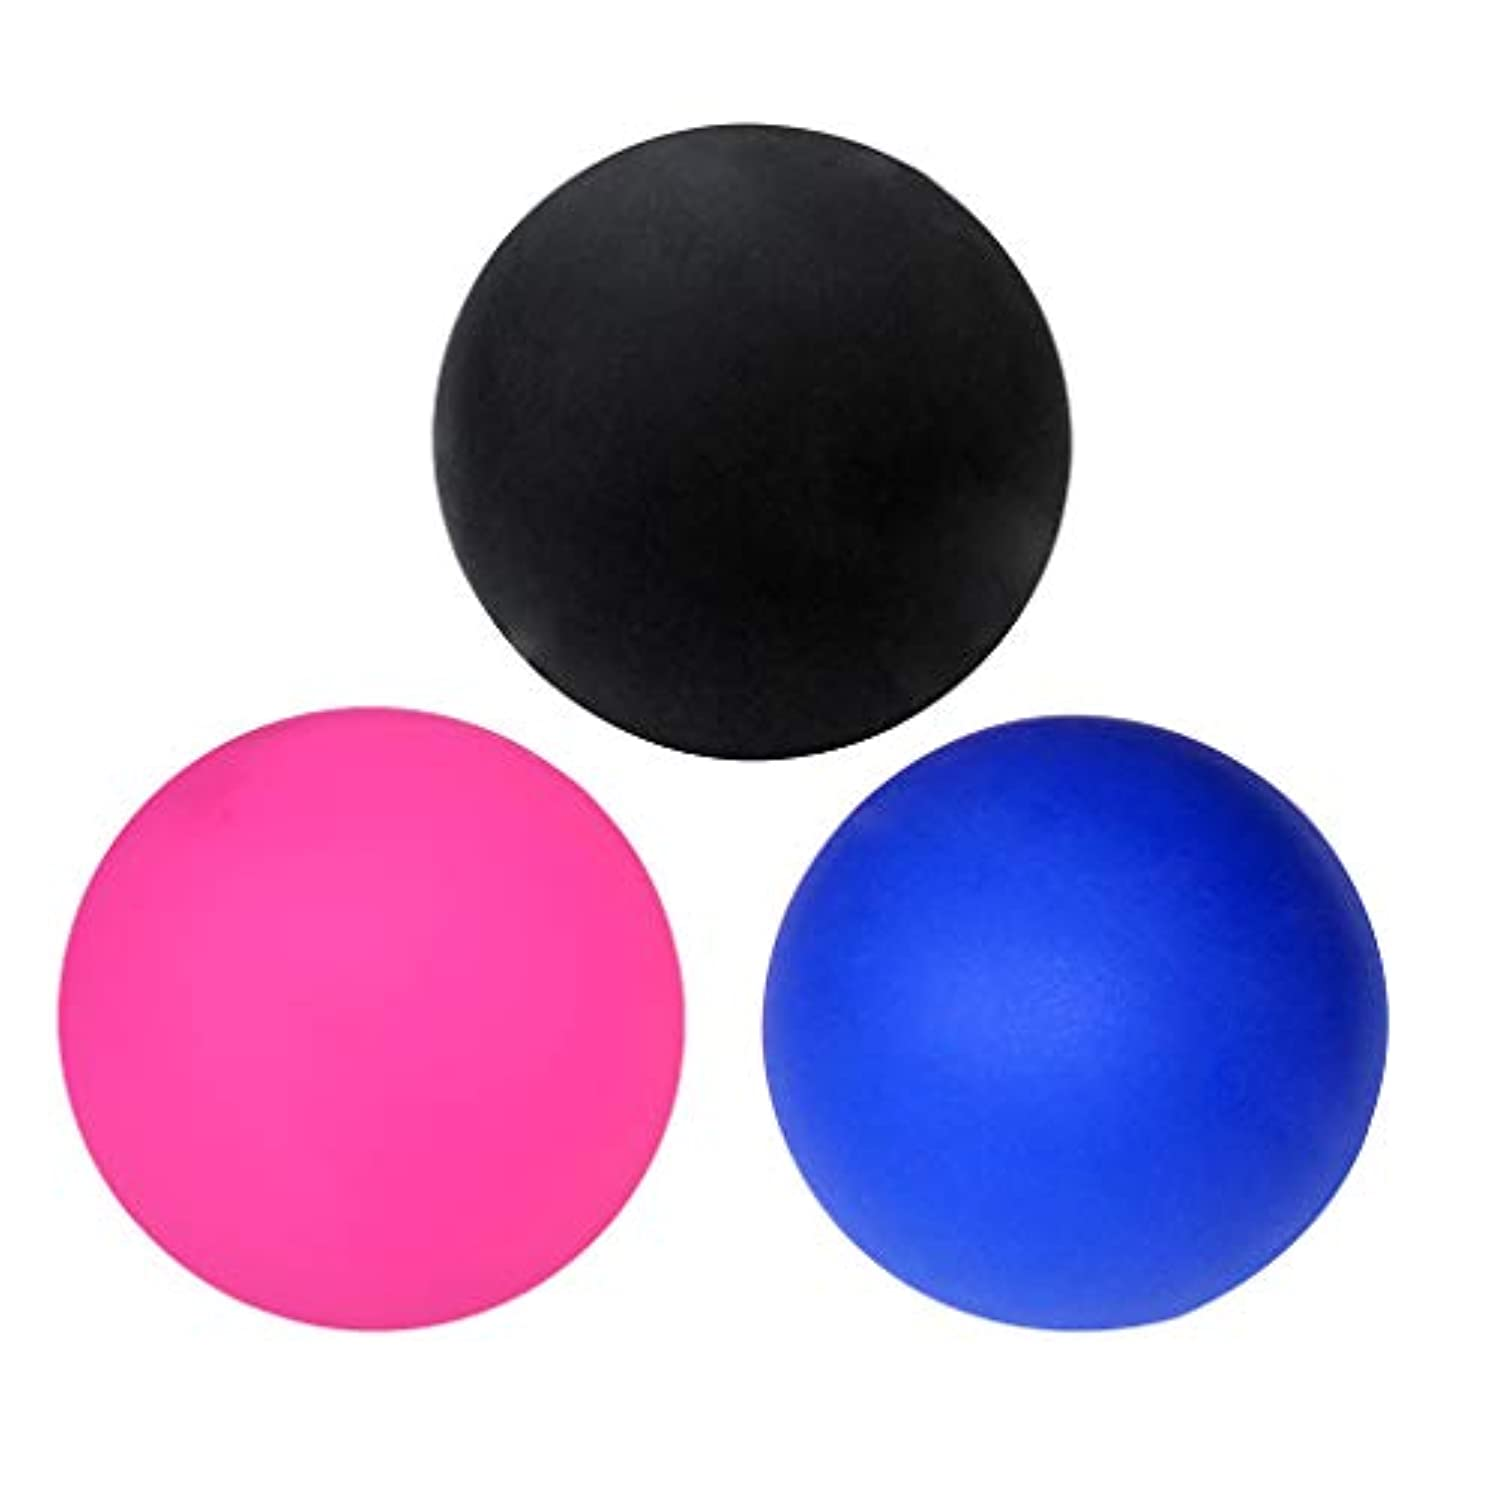 トイレ落ち着く迷路マッサージボール ラクロスボール トリガーポイント ヨガ エクササイズボール 健康グッズ 3個入